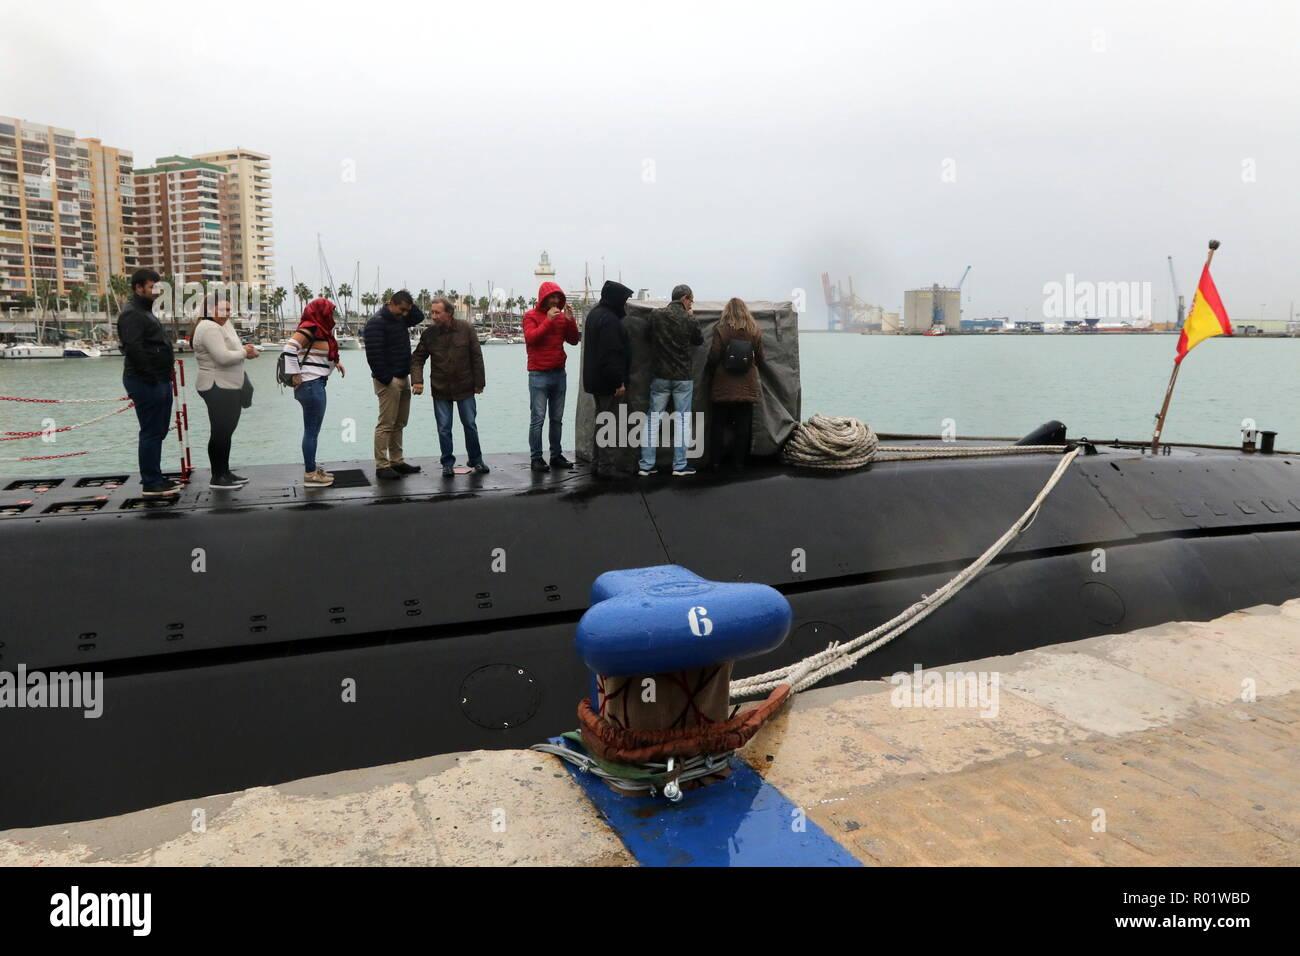 El 31 de octubre de 2018 - 31 de octubre de 2018 (Málaga ) El submarino Mistral se ha detenido en el puerto de Málaga desde hoy hasta el 2 de noviembre. El Mistral es el tercer submarino de la clase Galerna. Durante el primer semestre de este año, ha participado en la operación 'guardián' ea, dedicada al control del tráfico marítimo y la detección de actividades ilícitas que puedan afectar a la estabilidad de los estados costeros de la Alianza Atlántica. Su tripulación está compuesta por 63 hombres y mujeres, y después de su estadía en el puerto de Málaga continuará con diversas maniobras y ejercicios de entrenamiento. (Crédito de la imagen: Imagen De Stock